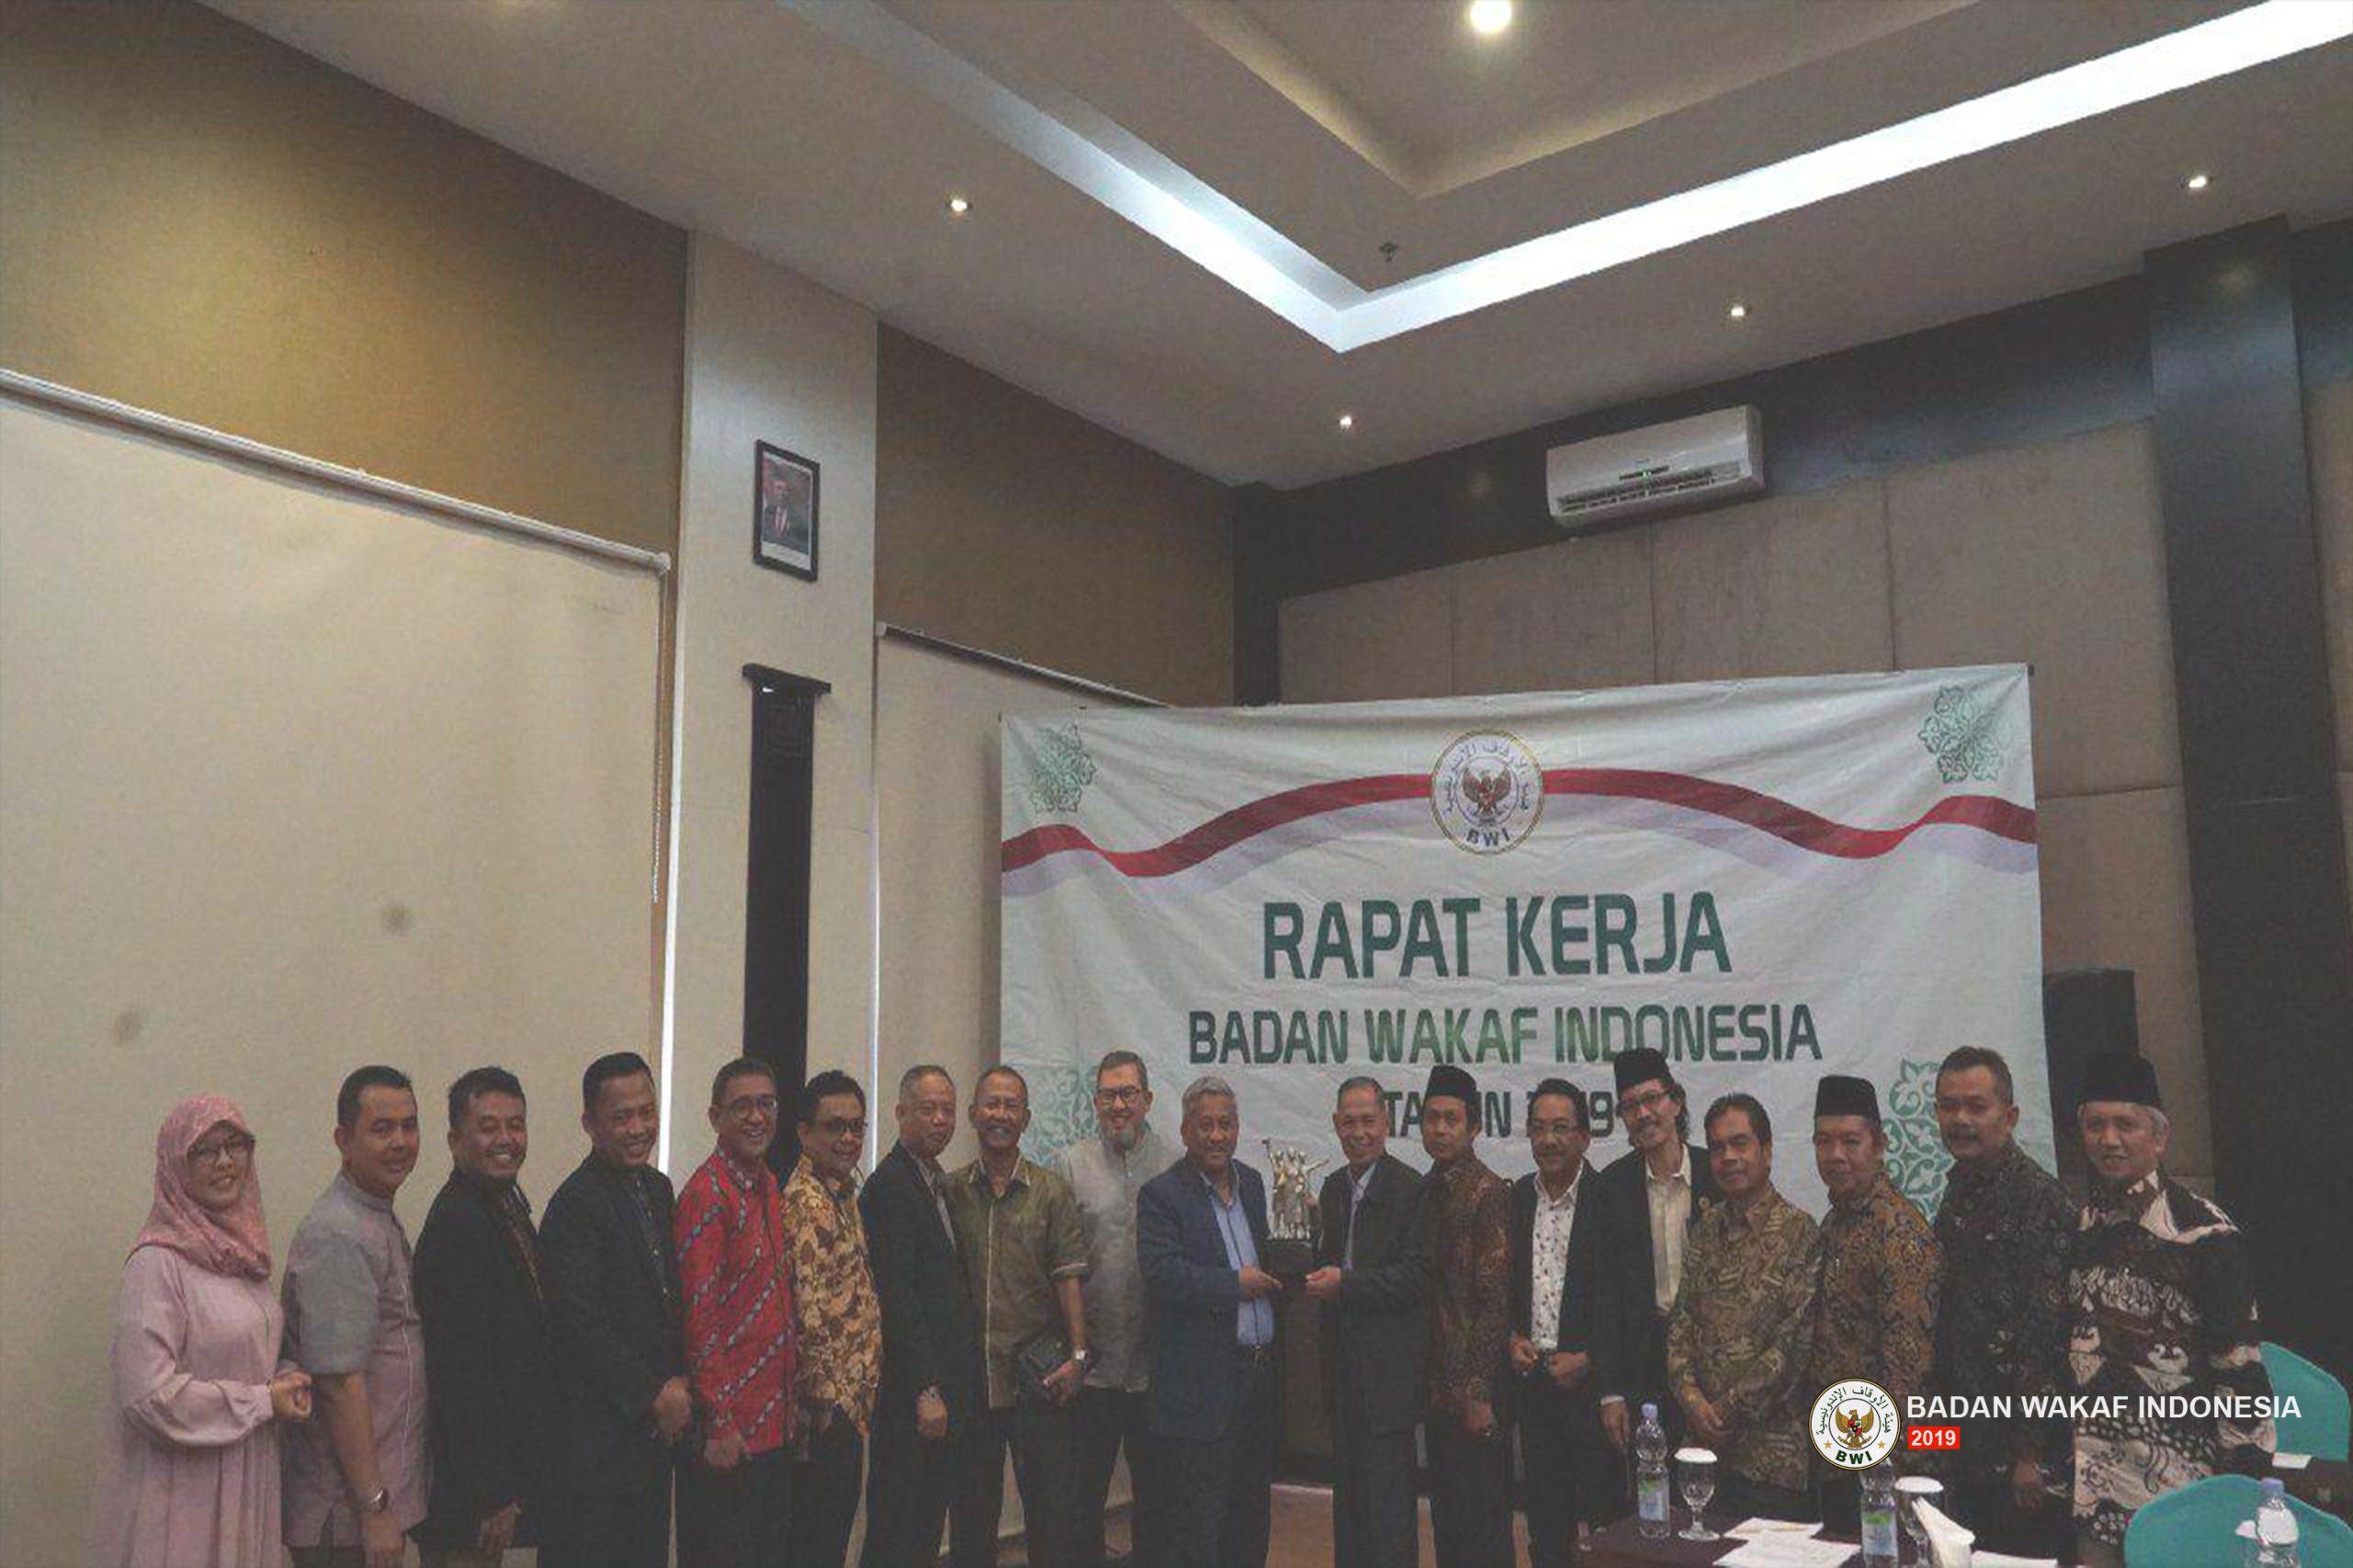 Prof. Muhammad Nuh Berikan Arahan Pada Raker BWI 2019  - Arahan Raker Badan Wakaf Indonesia 2019  scaled - Prof. Muhammad Nuh Berikan Arahan Pada Raker BWI 2019